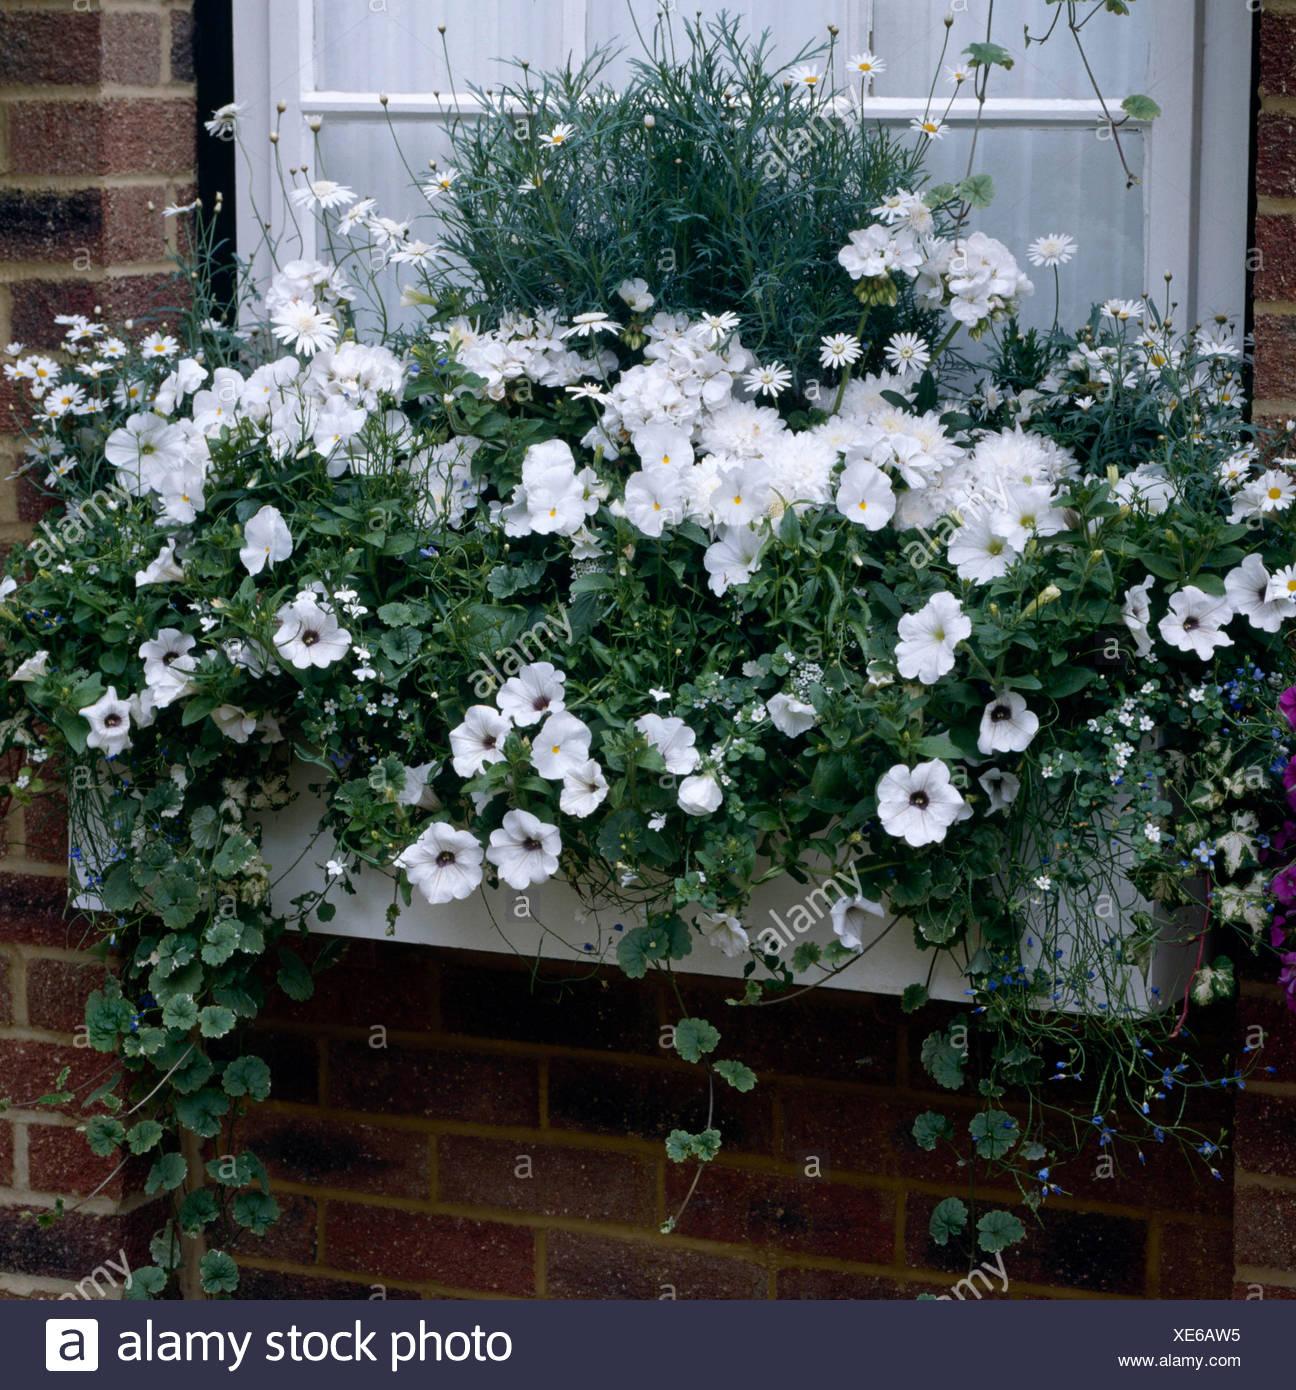 blumenkasten bepflanzt mit petunien pelargonien und. Black Bedroom Furniture Sets. Home Design Ideas